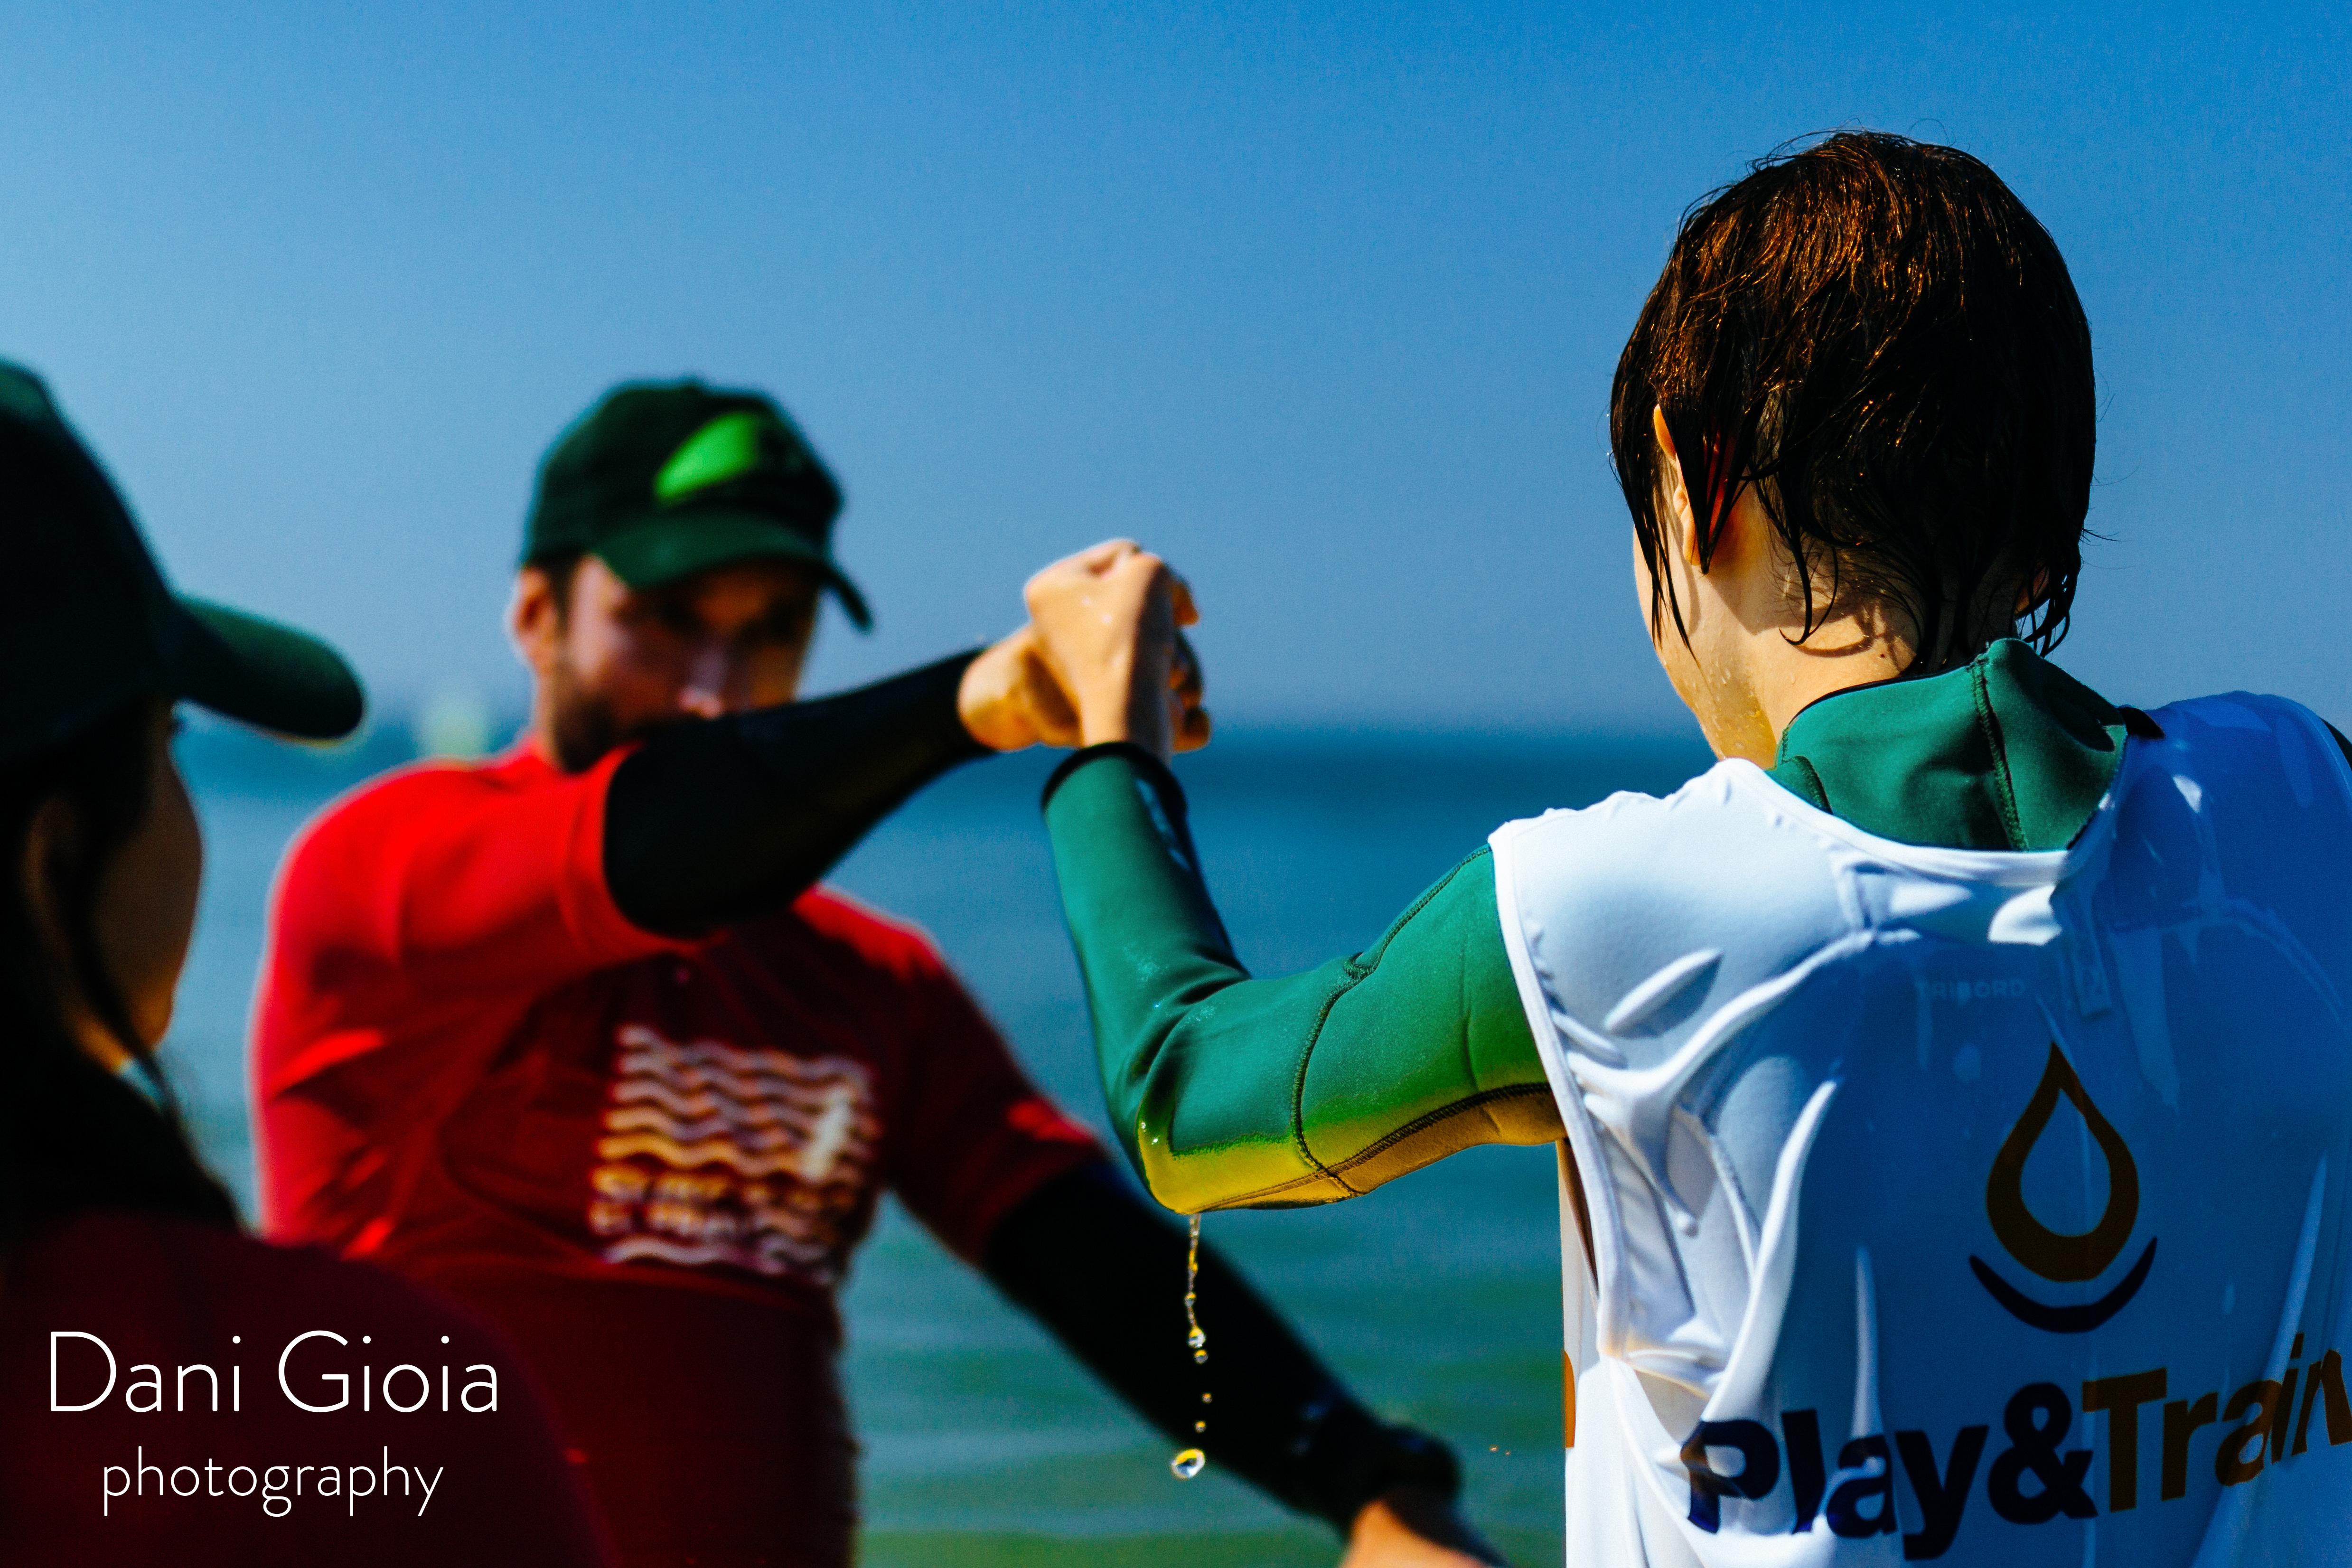 Christian Surfers, 4 años de voluntariado